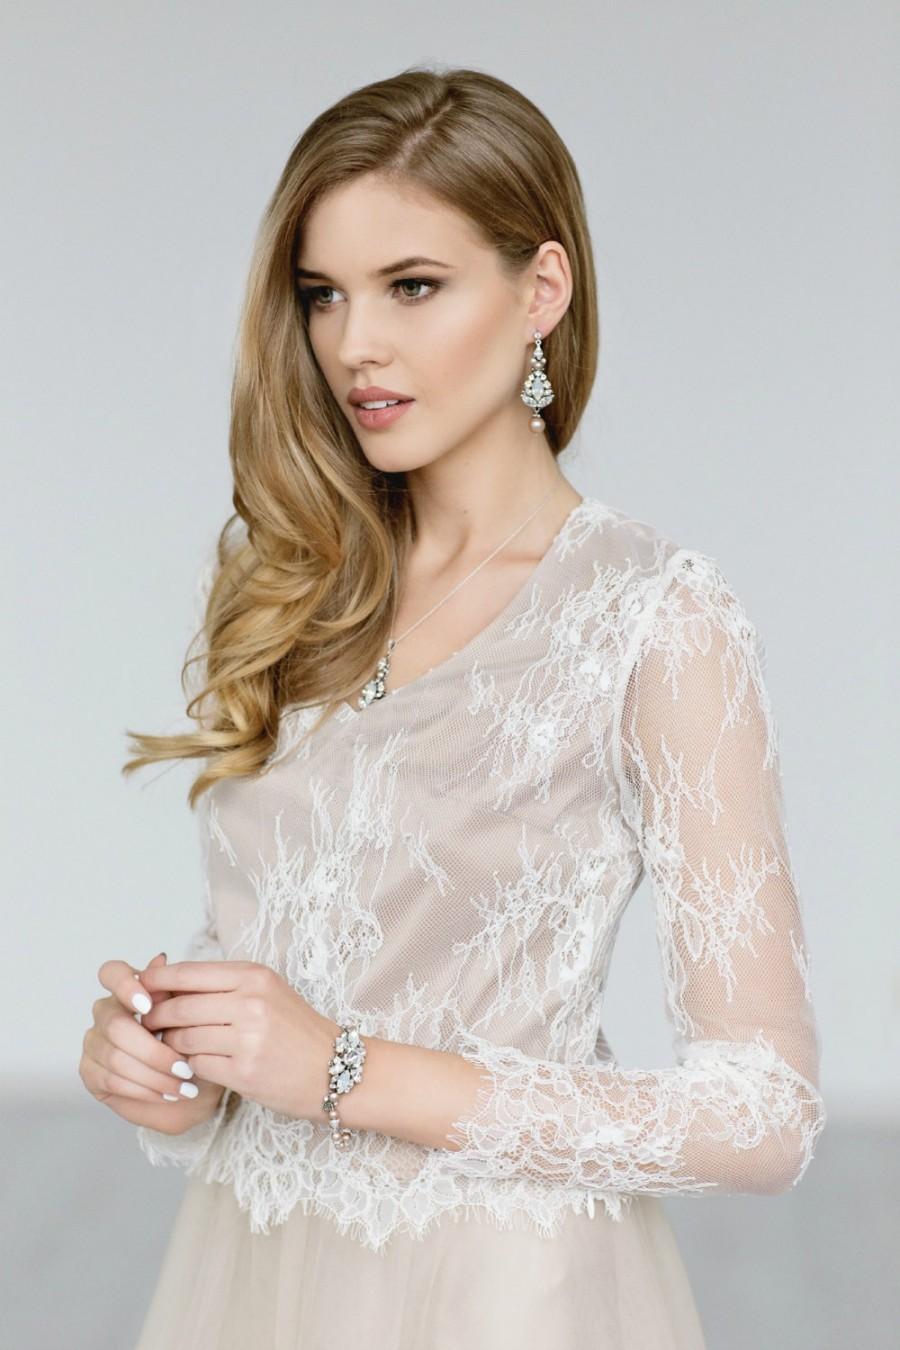 Mariage - Wedding Top, Ivory Long Sleeves Lace Bridal Top , Bridal Lace Blouse,  Ivory Champagne Bridal Lace Top, Bridal Separates - SAMANTA